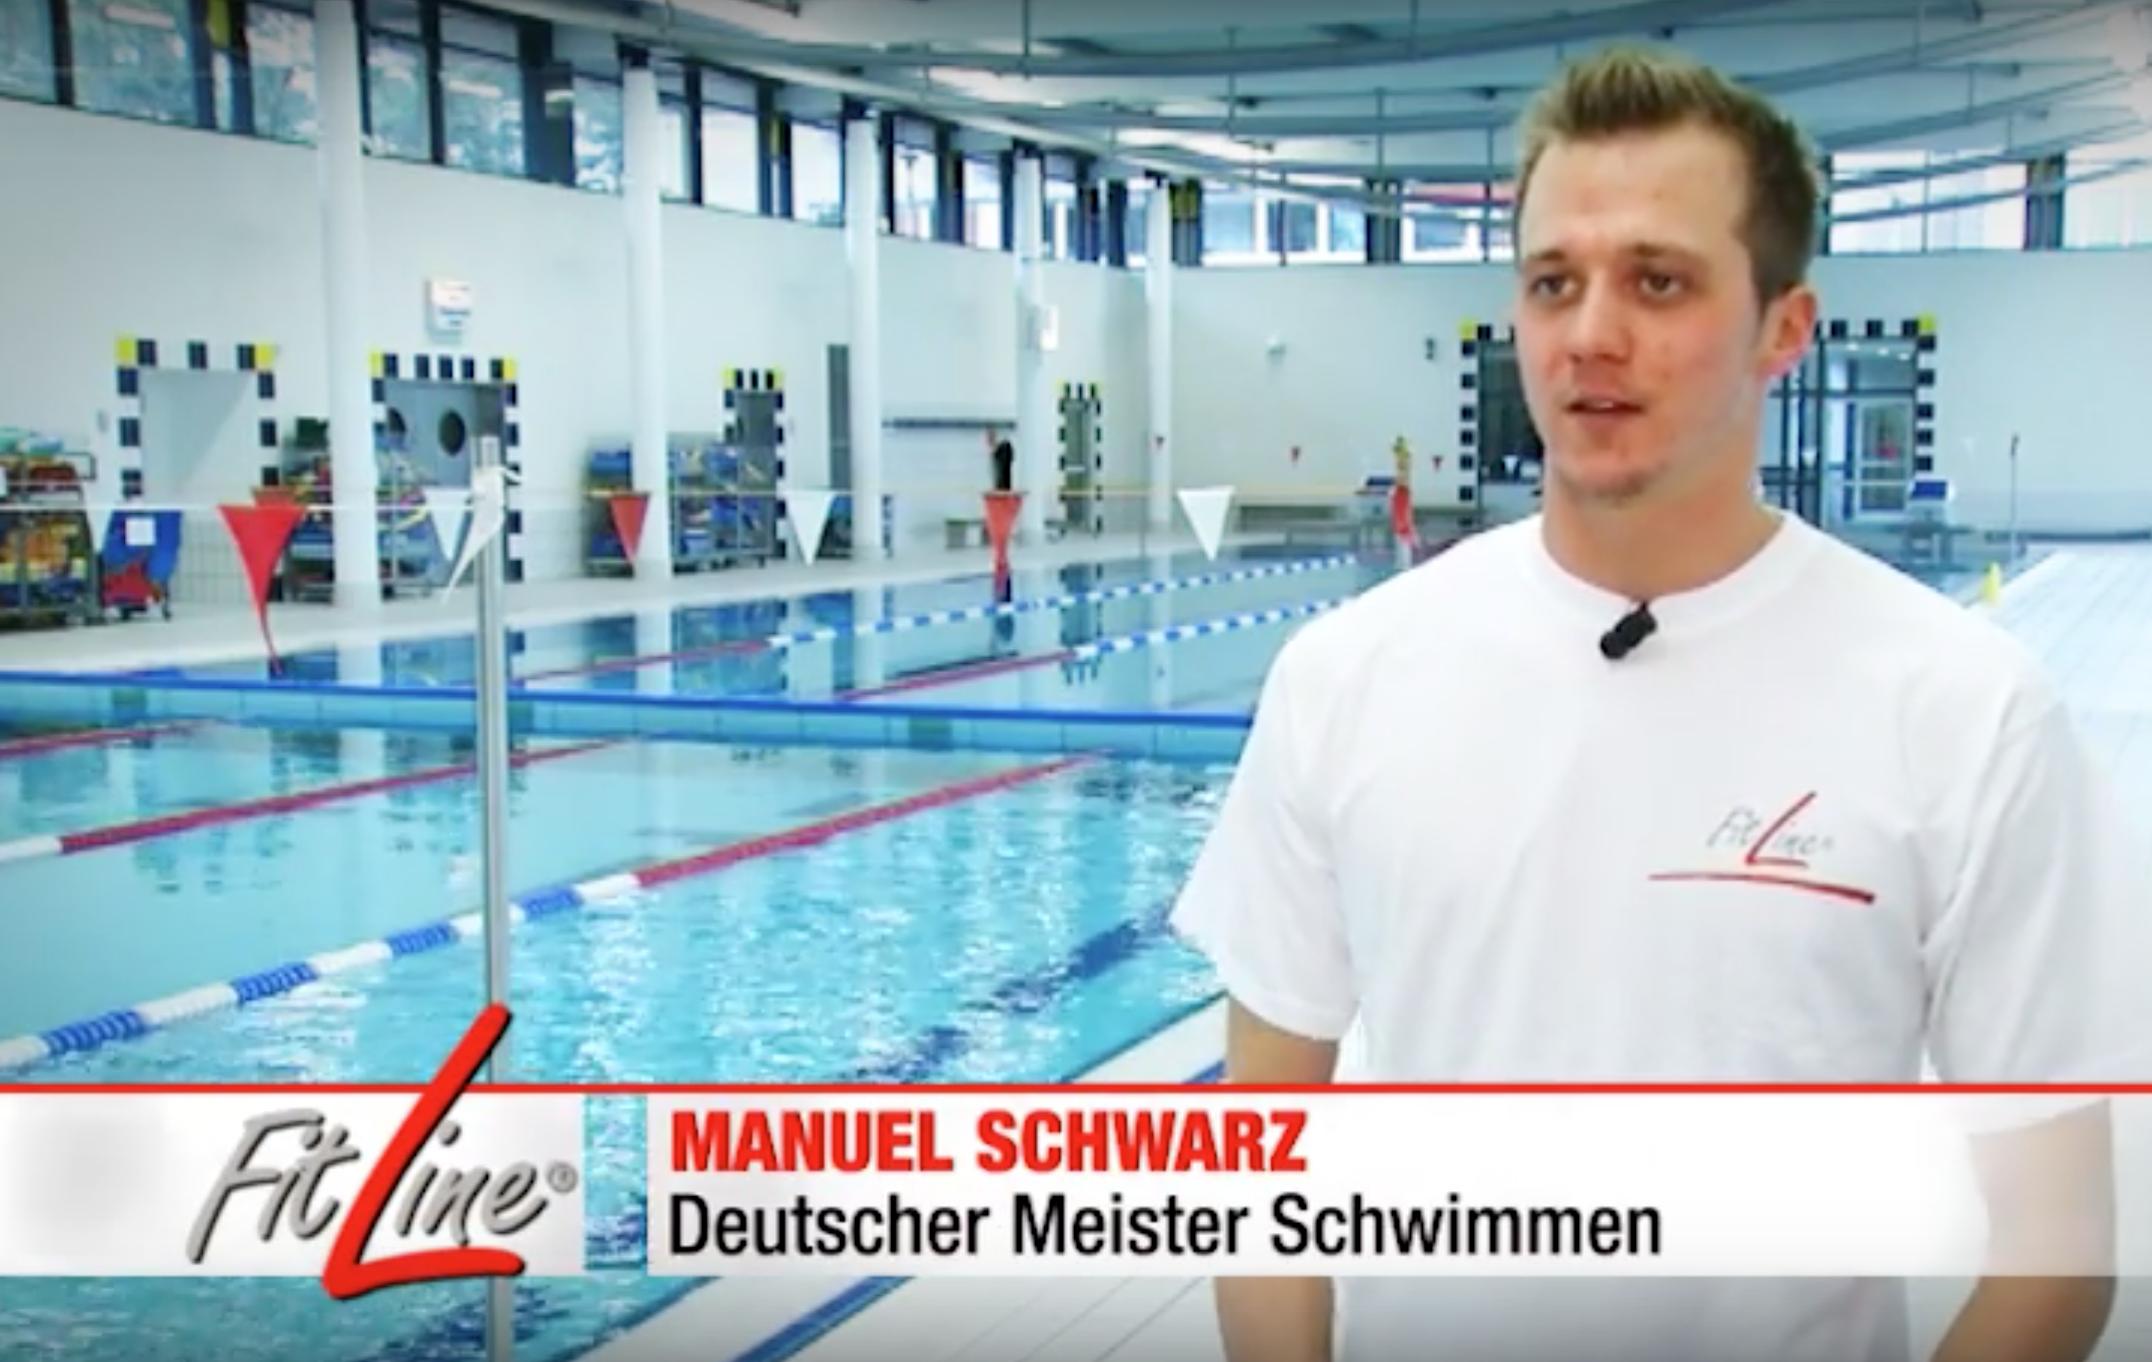 Schwimmen Manuel Schwarz Deutscher Meist